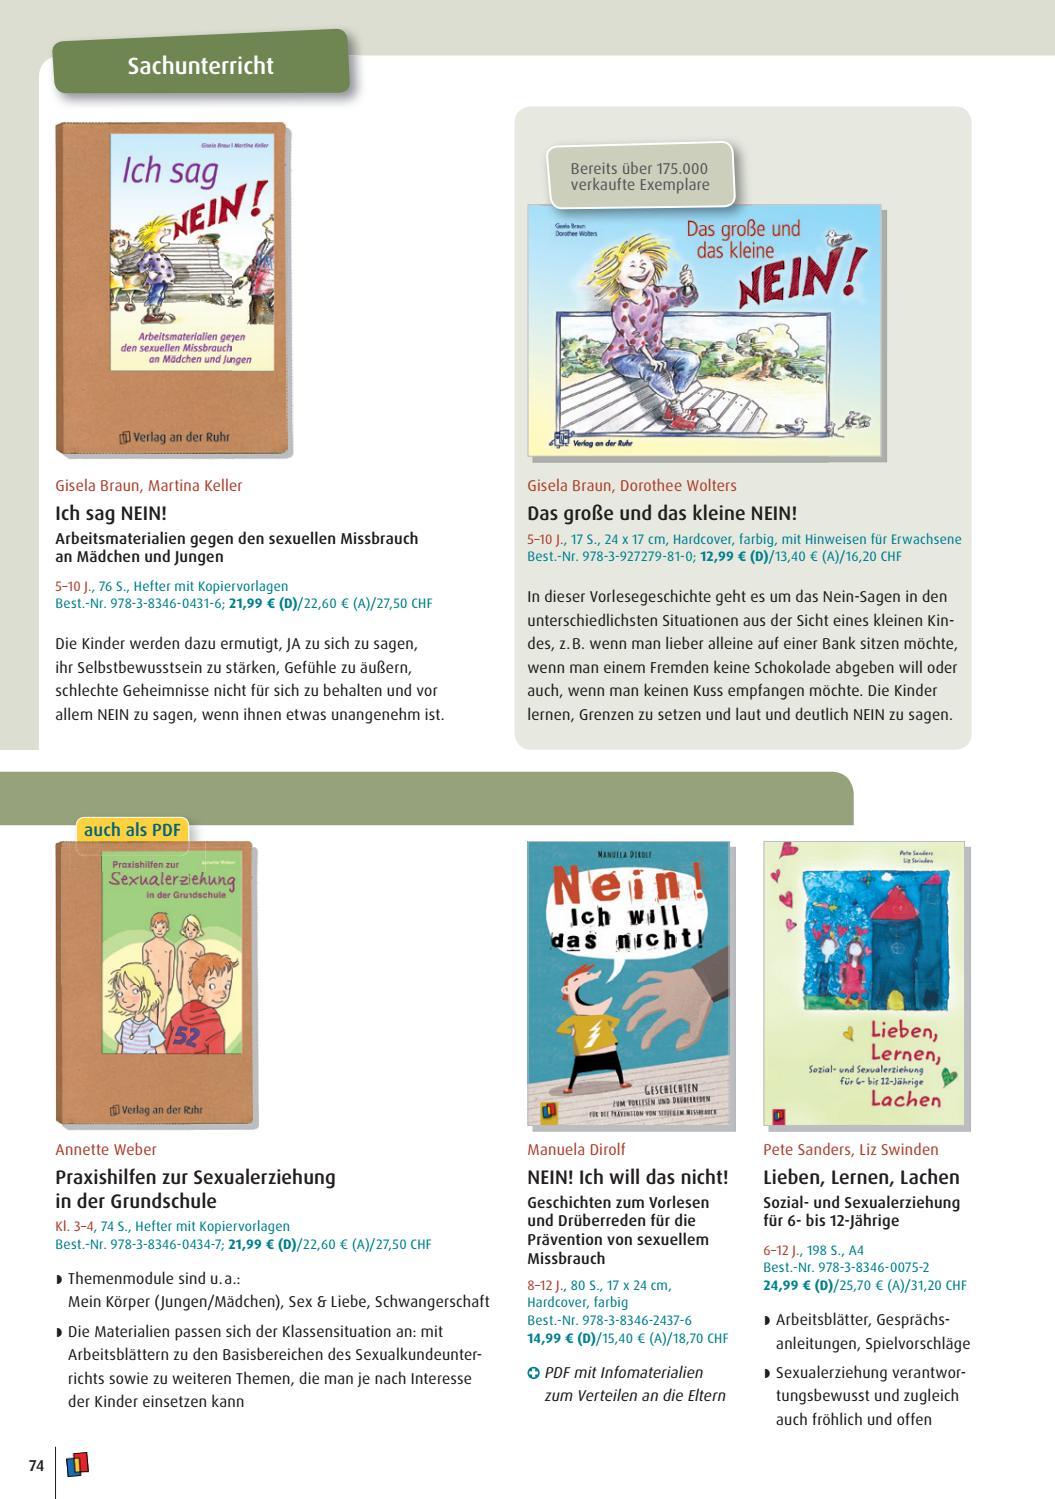 Katalog Grundschule – 2016/2017 by Verlag an der Ruhr - issuu